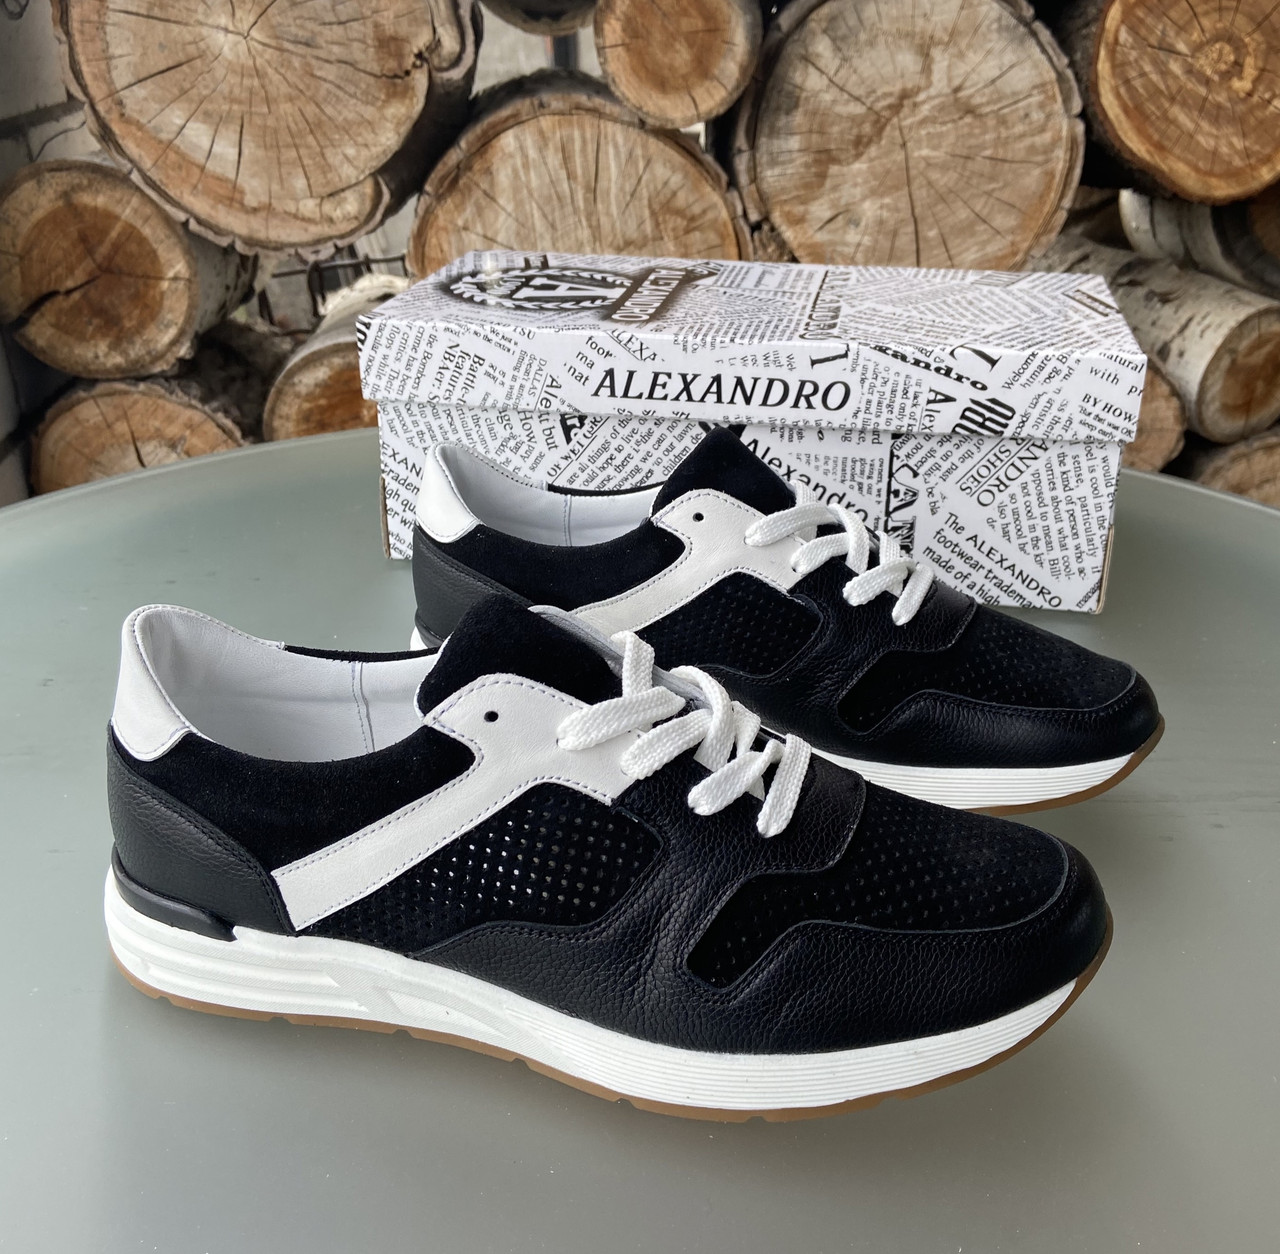 Мужские перфорированные кроссовки alexandro натуральная кожа 40